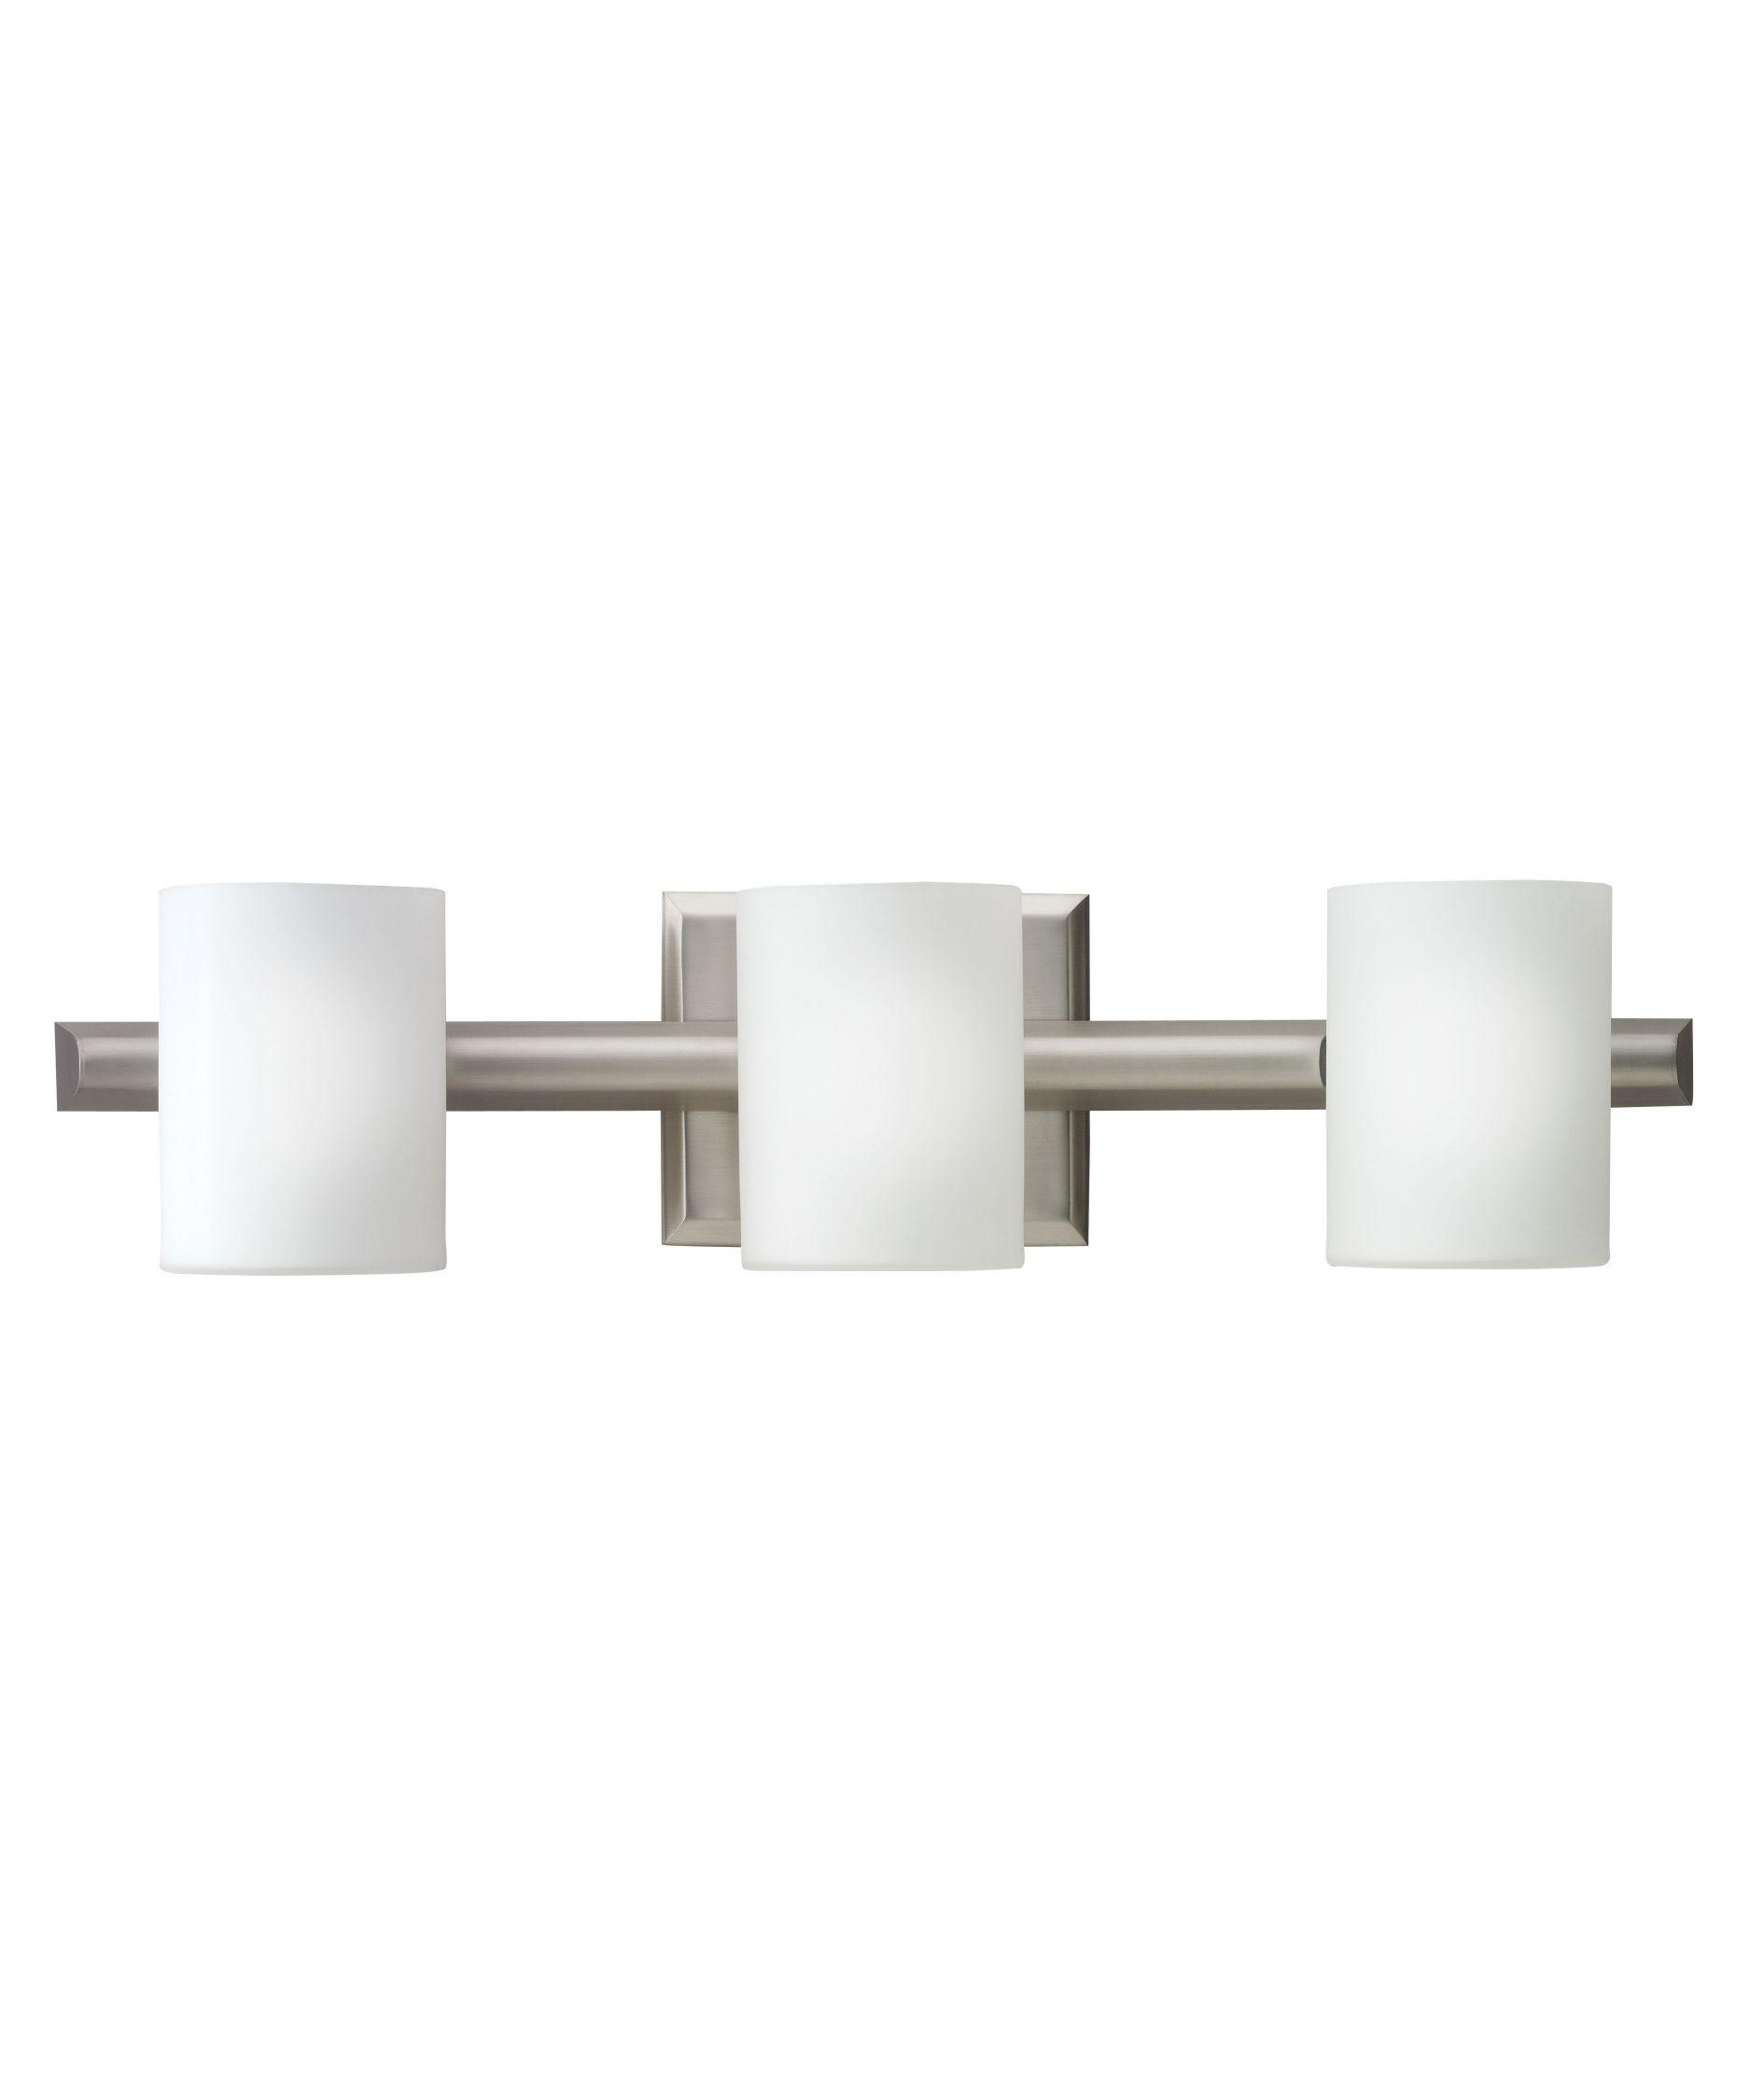 Bathroom Fixtures Home Hardware Lighting